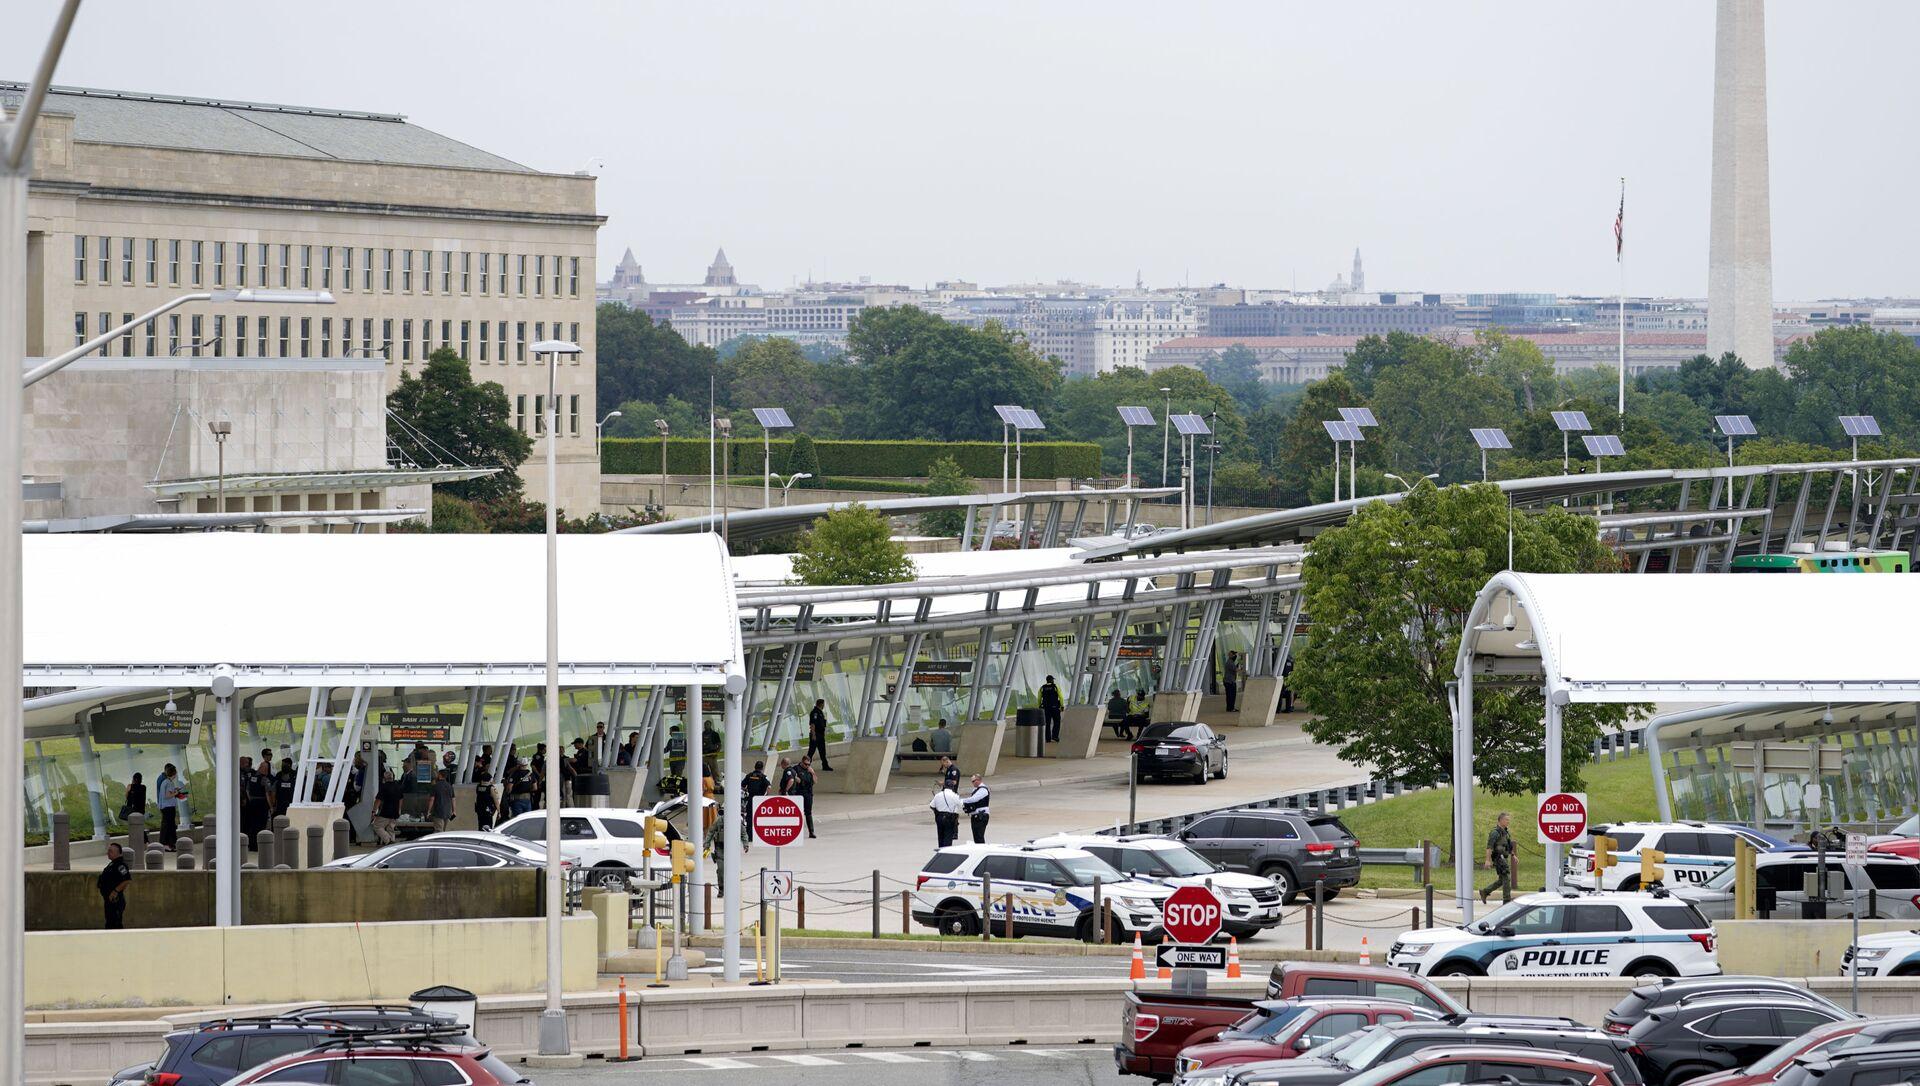 Une fusillade s'est produite près du Pentagone, en Virginie. Le territoire du quartier général du département américain de la Défense a été bouclé, le 3 août 2021 - Sputnik France, 1920, 04.08.2021